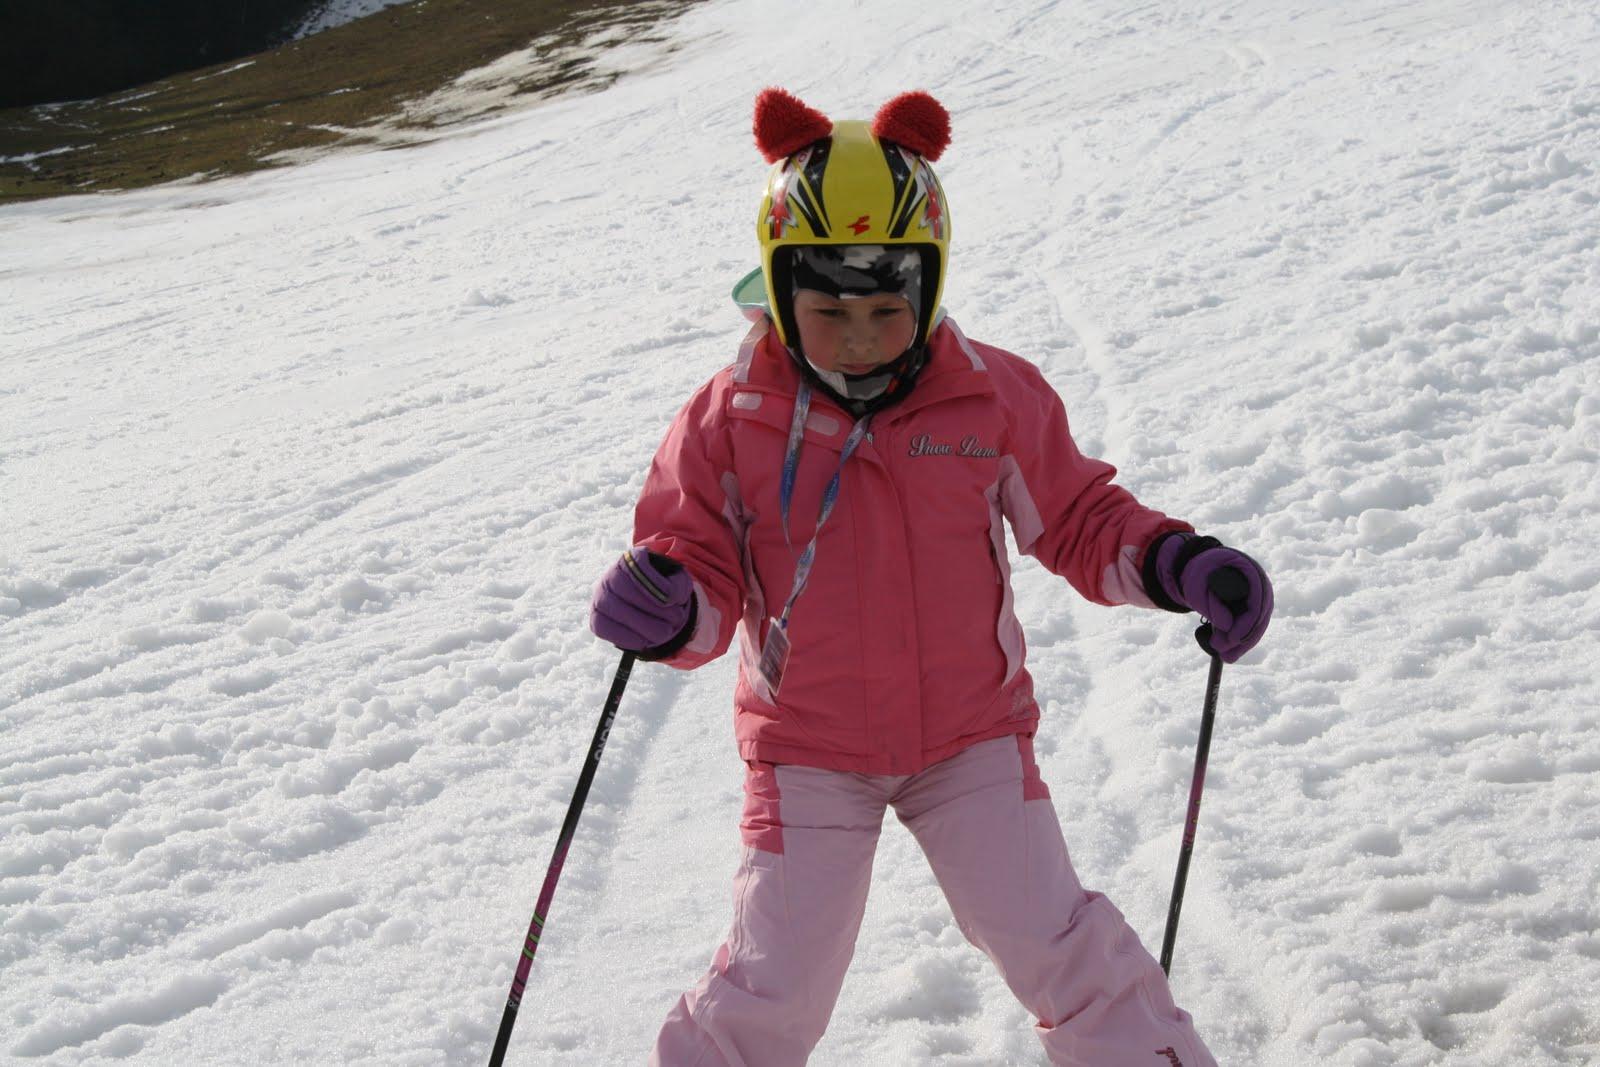 Zdjęcia z zimowiska organizowanego przez MHD dla grupy 23 braci i sióstr Małych Pacjentów.  Rabka Zdrój 6-12.02.2011